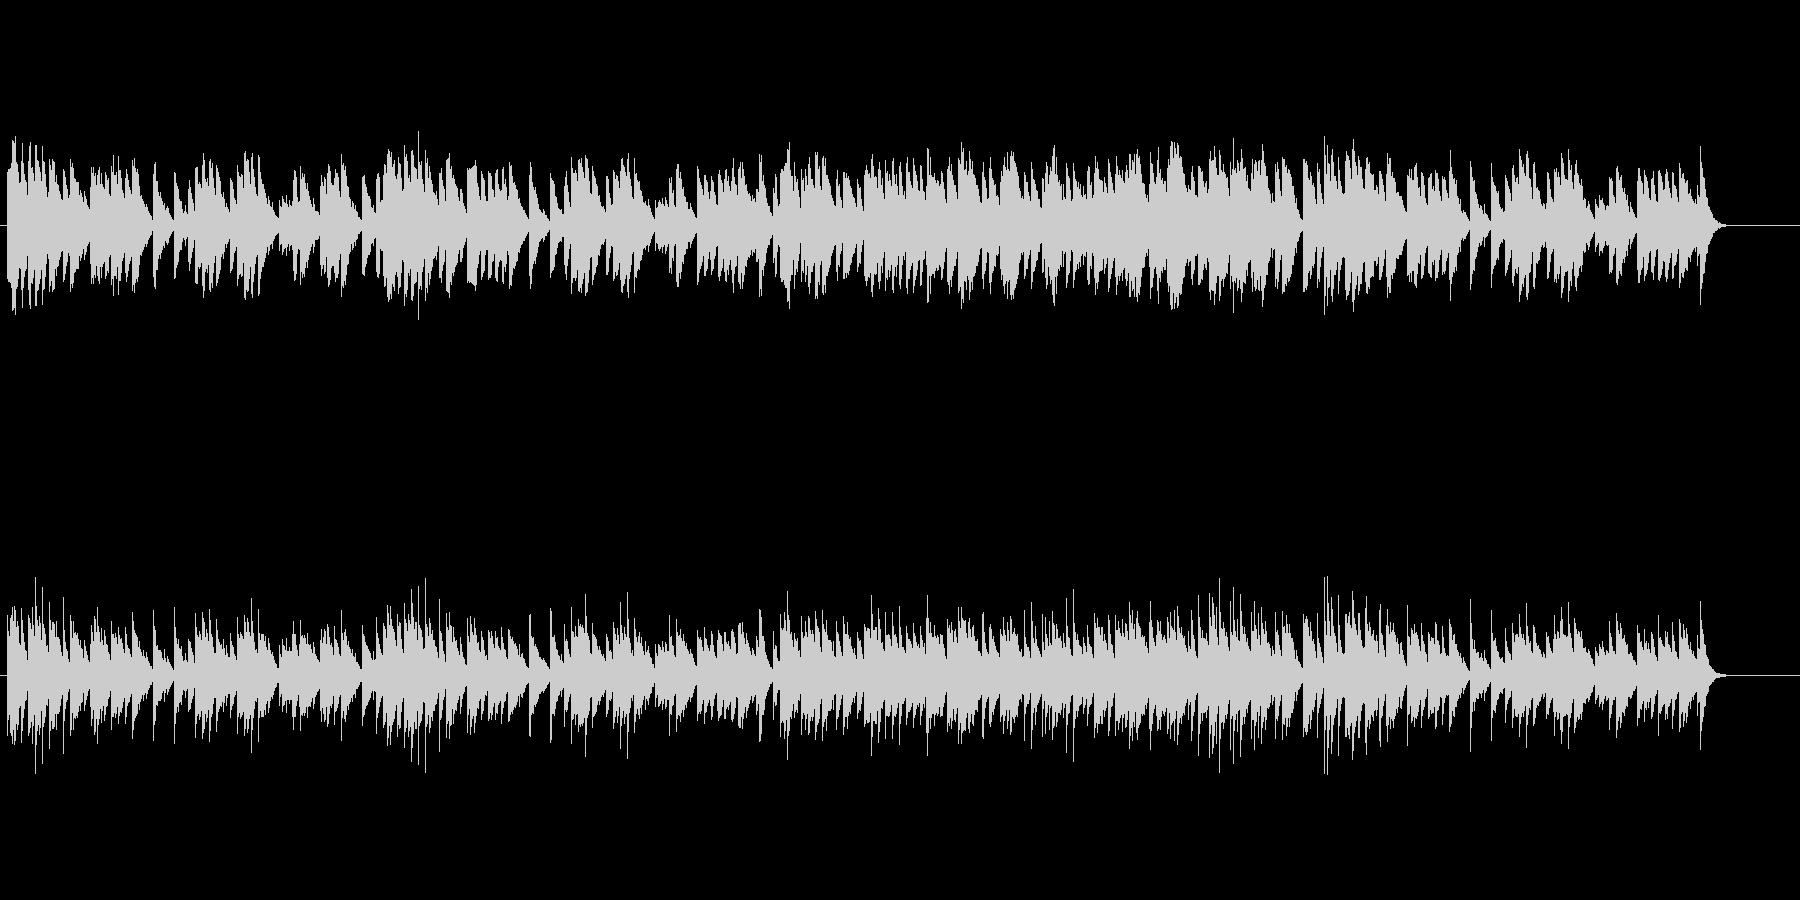 クラシカルなオルゴール・ミュージックの未再生の波形